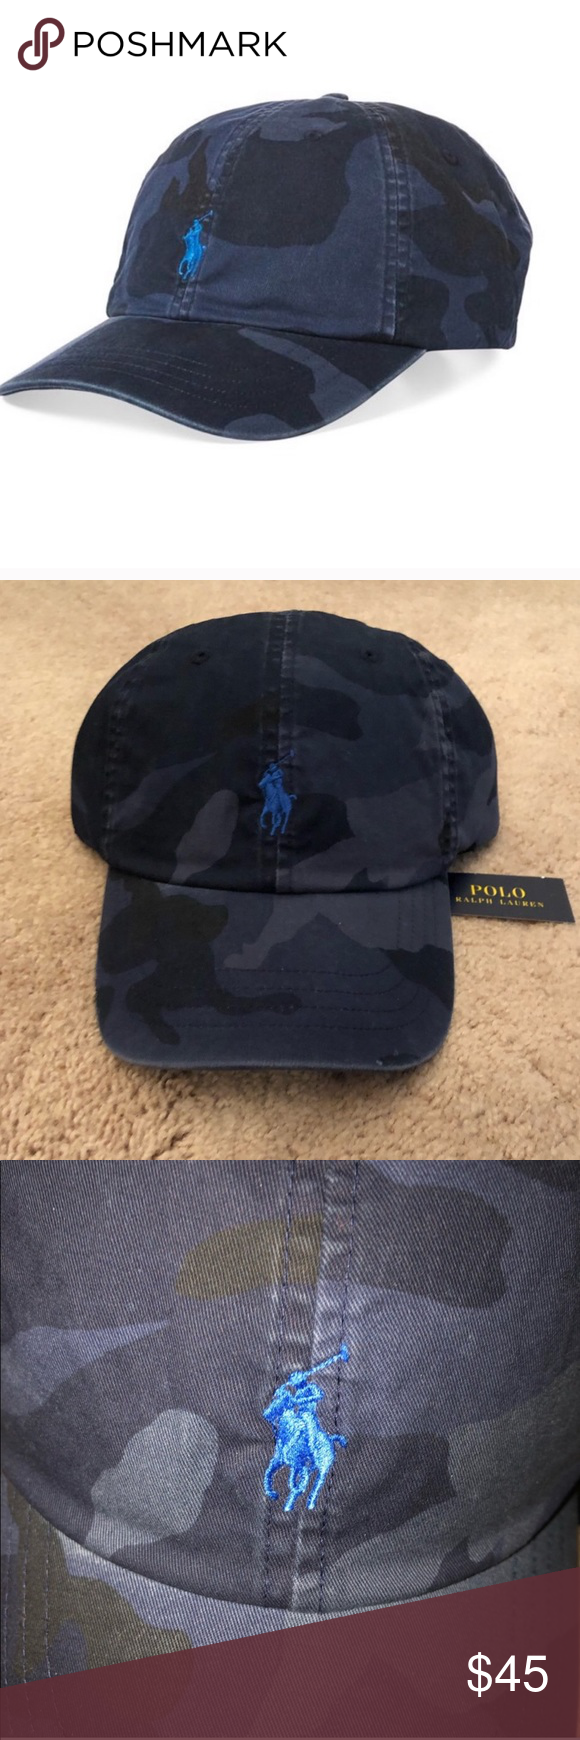 59a43447c Polo Ralph Lauren Cotton Camouflage Hat 💯% authentic Polo Ralph Lauren  classic cotton camouflage